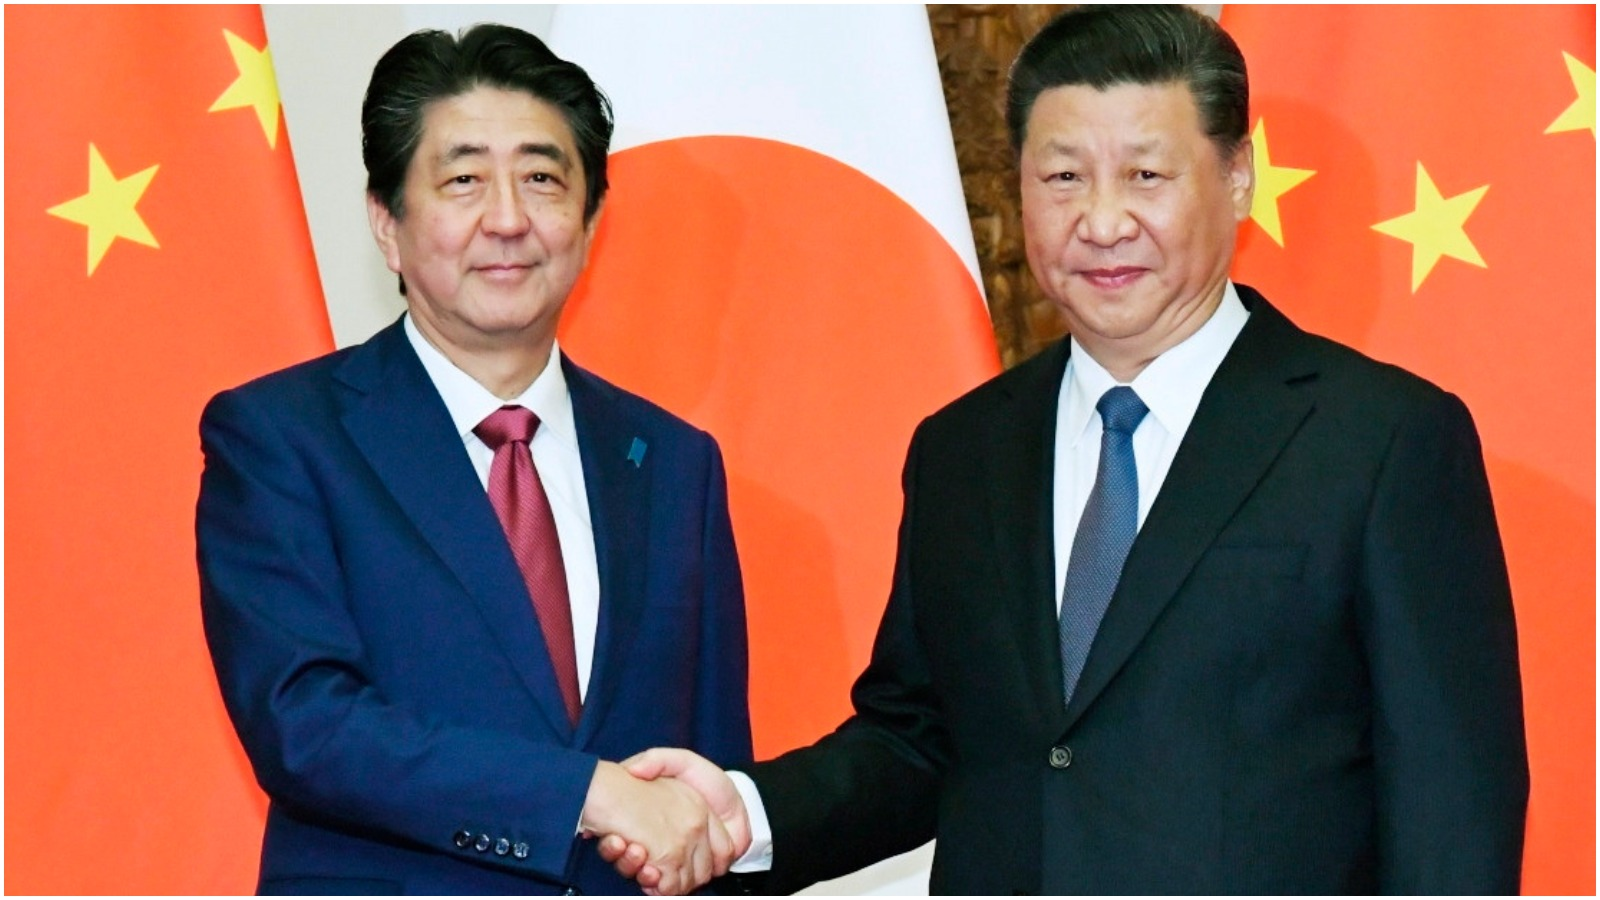 Liselotte Odgaard om mødet mellem Xi Jinping og Shinzo Abe: Kina accepterer omsider Japans udstrakte hånd